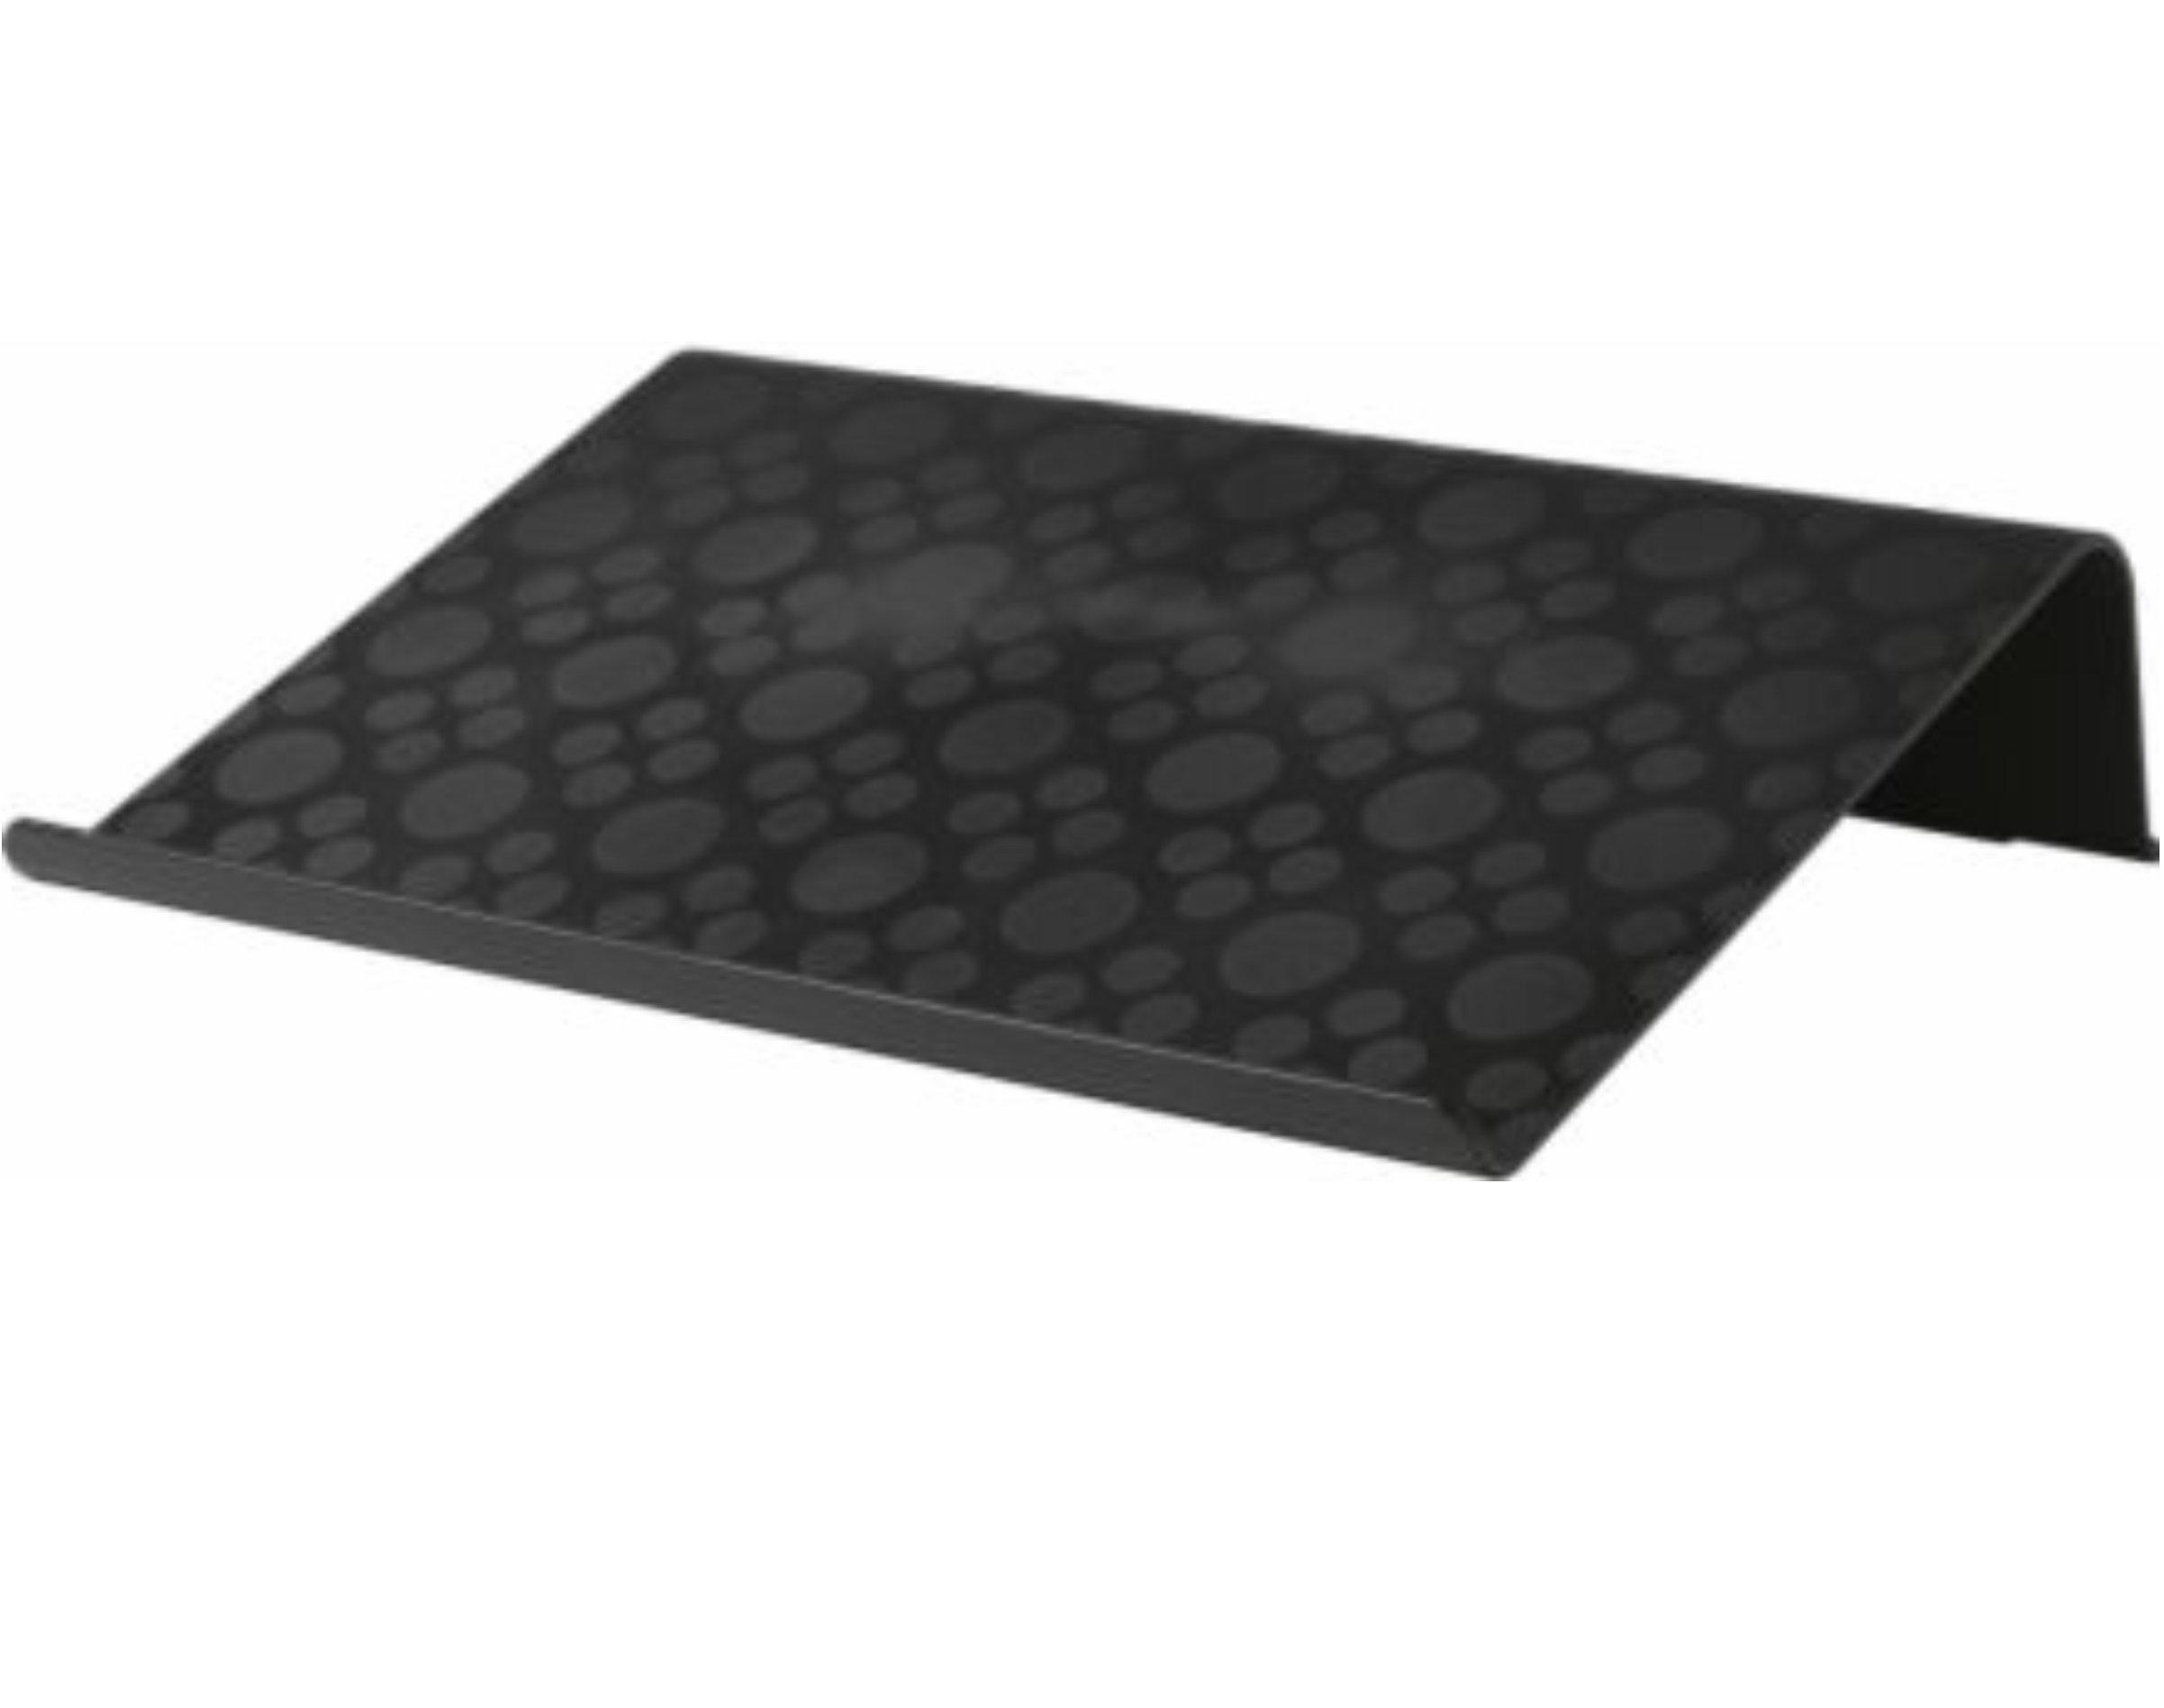 Ikea Brada Podstawa Pod Laptopa Podstawka Czarna